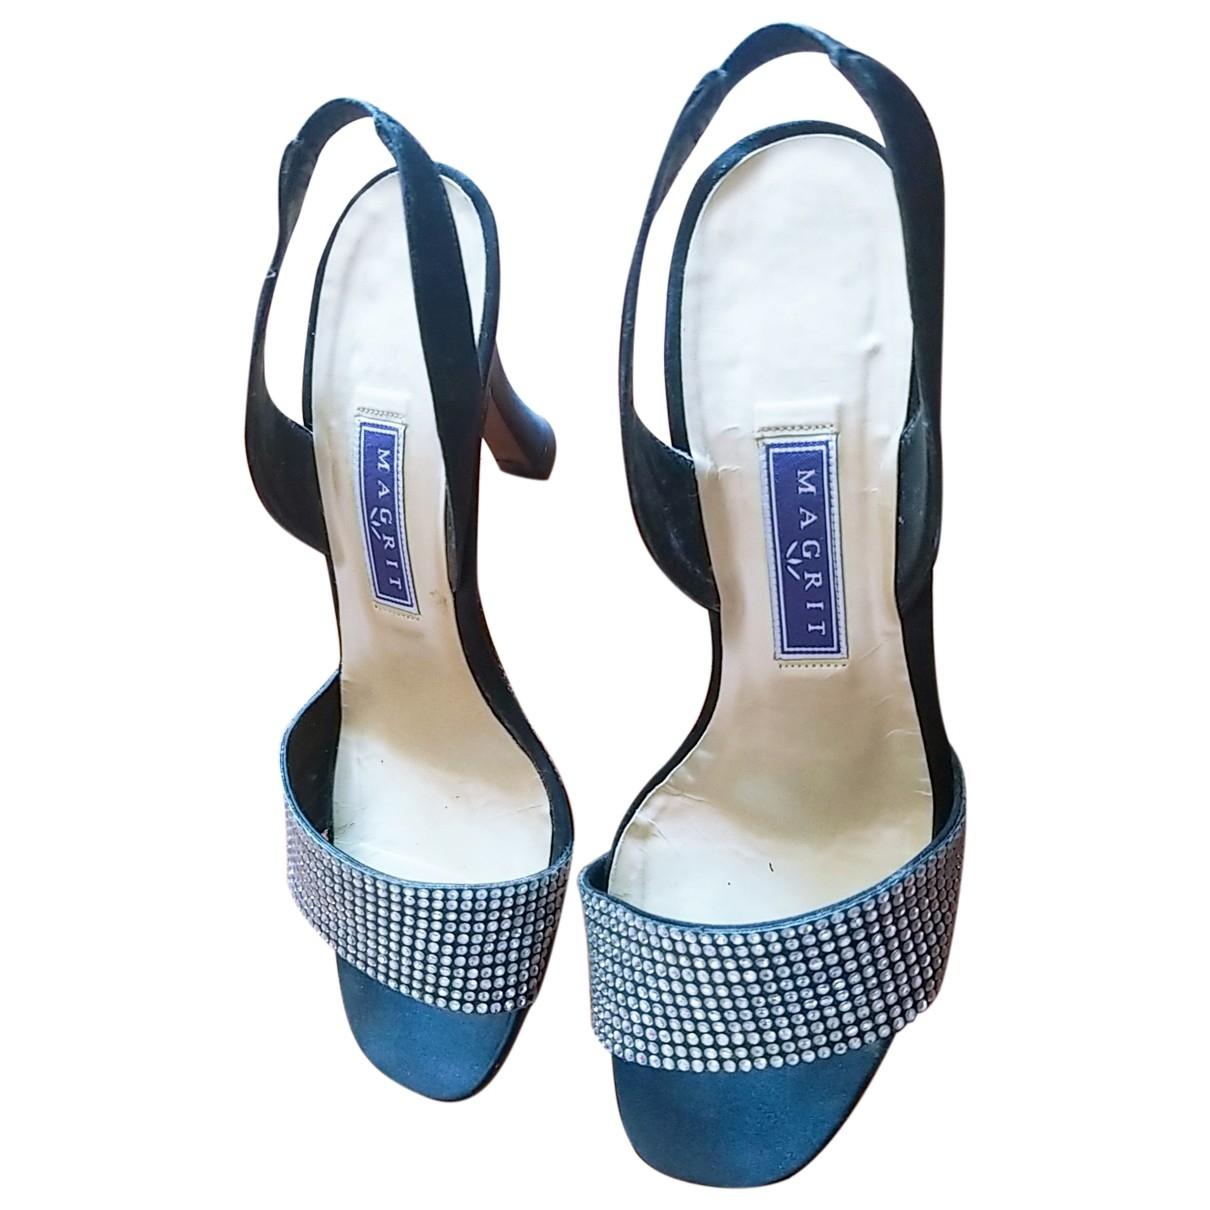 Sandalias de Con lentejuelas Non Signe / Unsigned